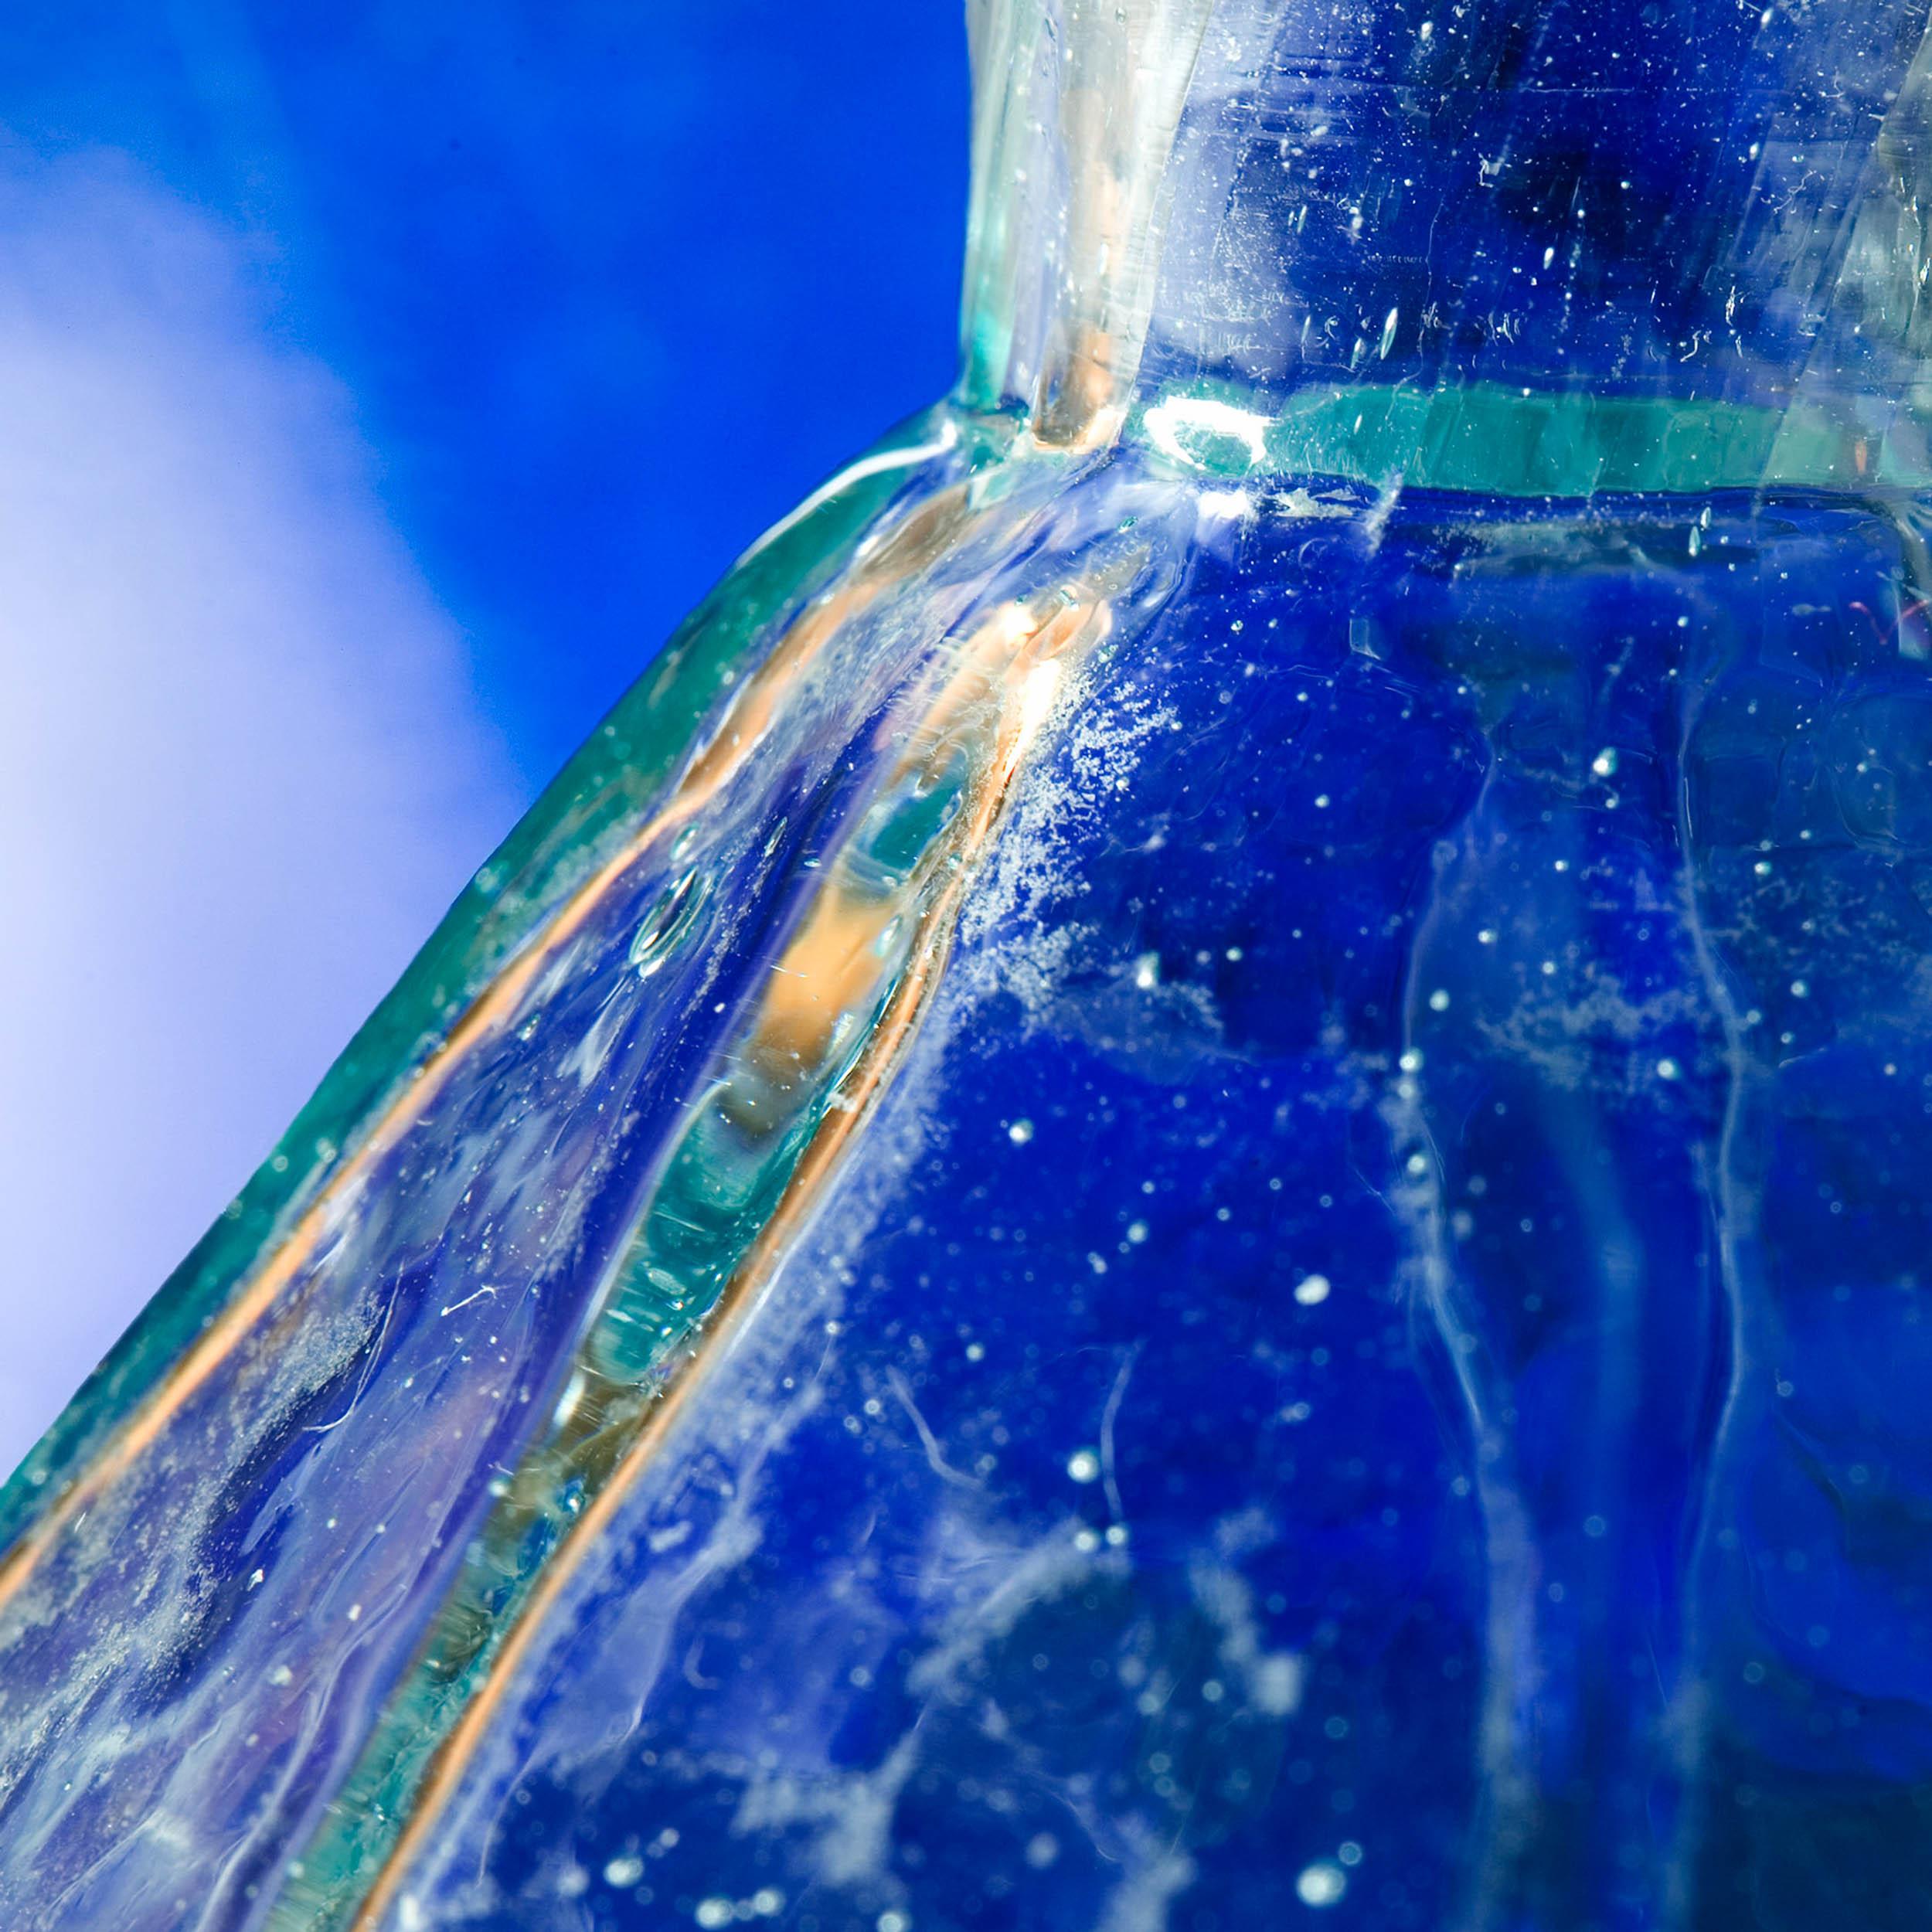 BottleSeries4.jpg